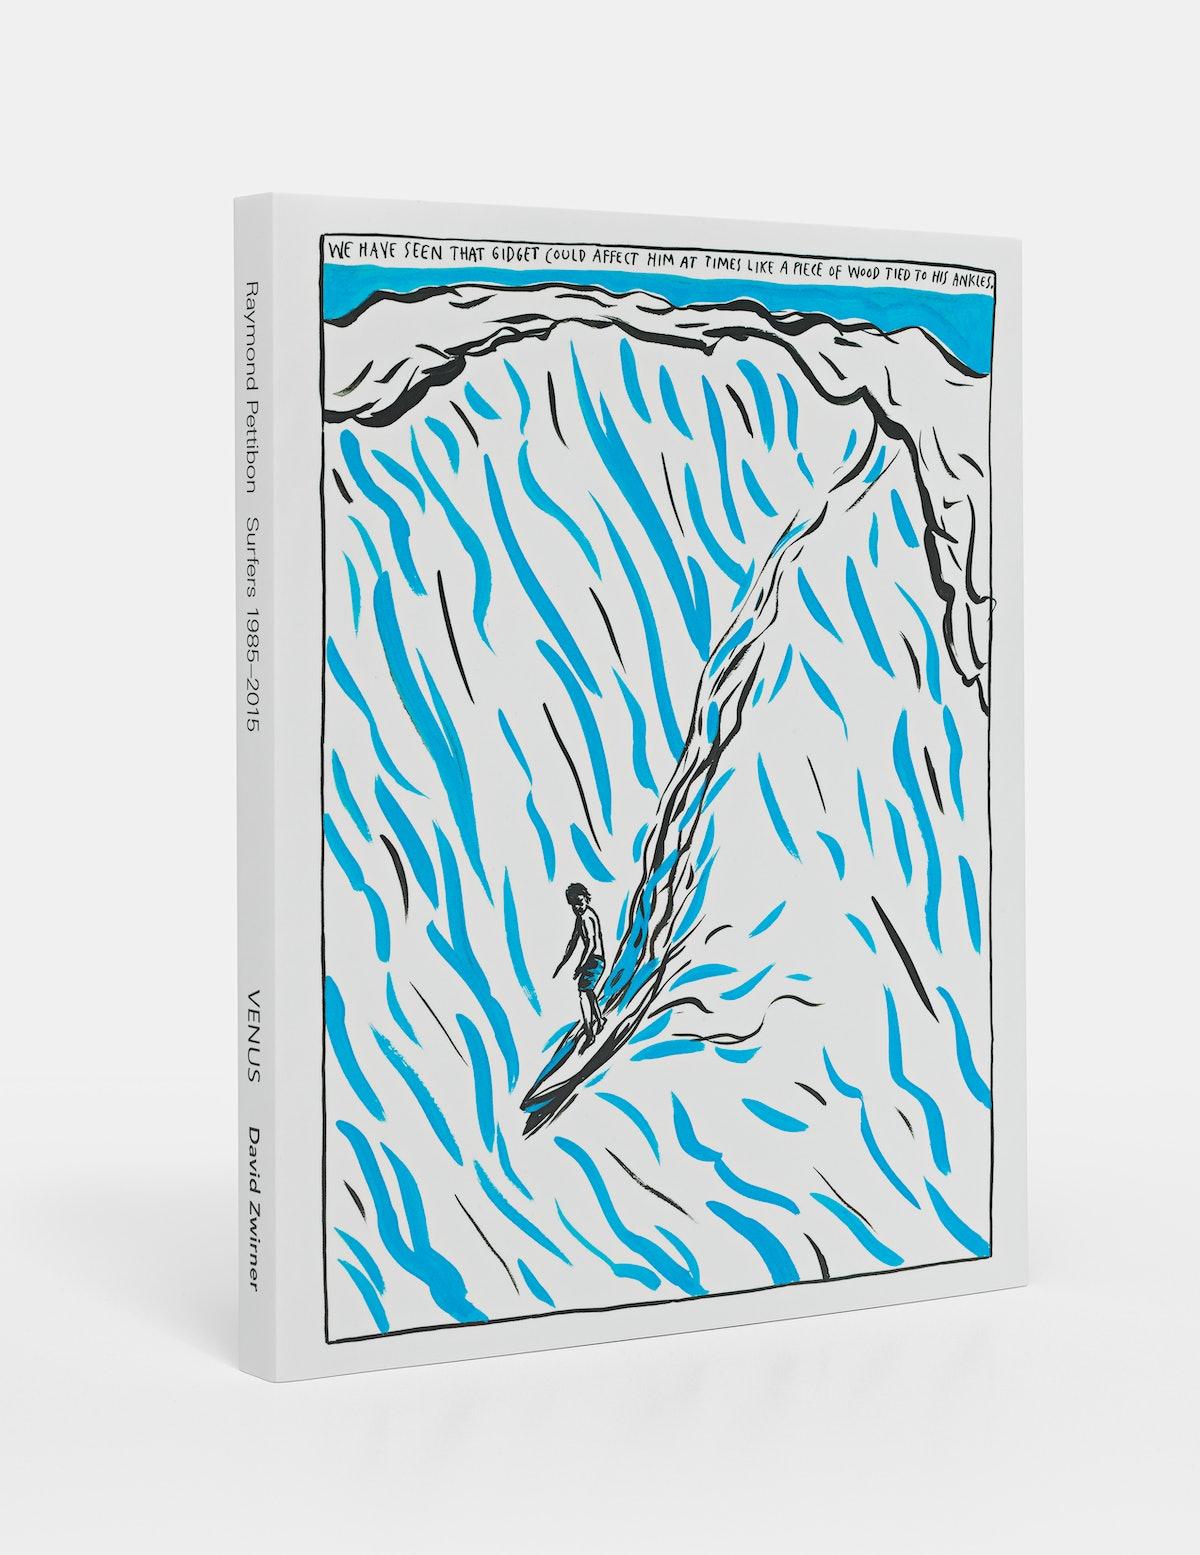 Pettibon Book